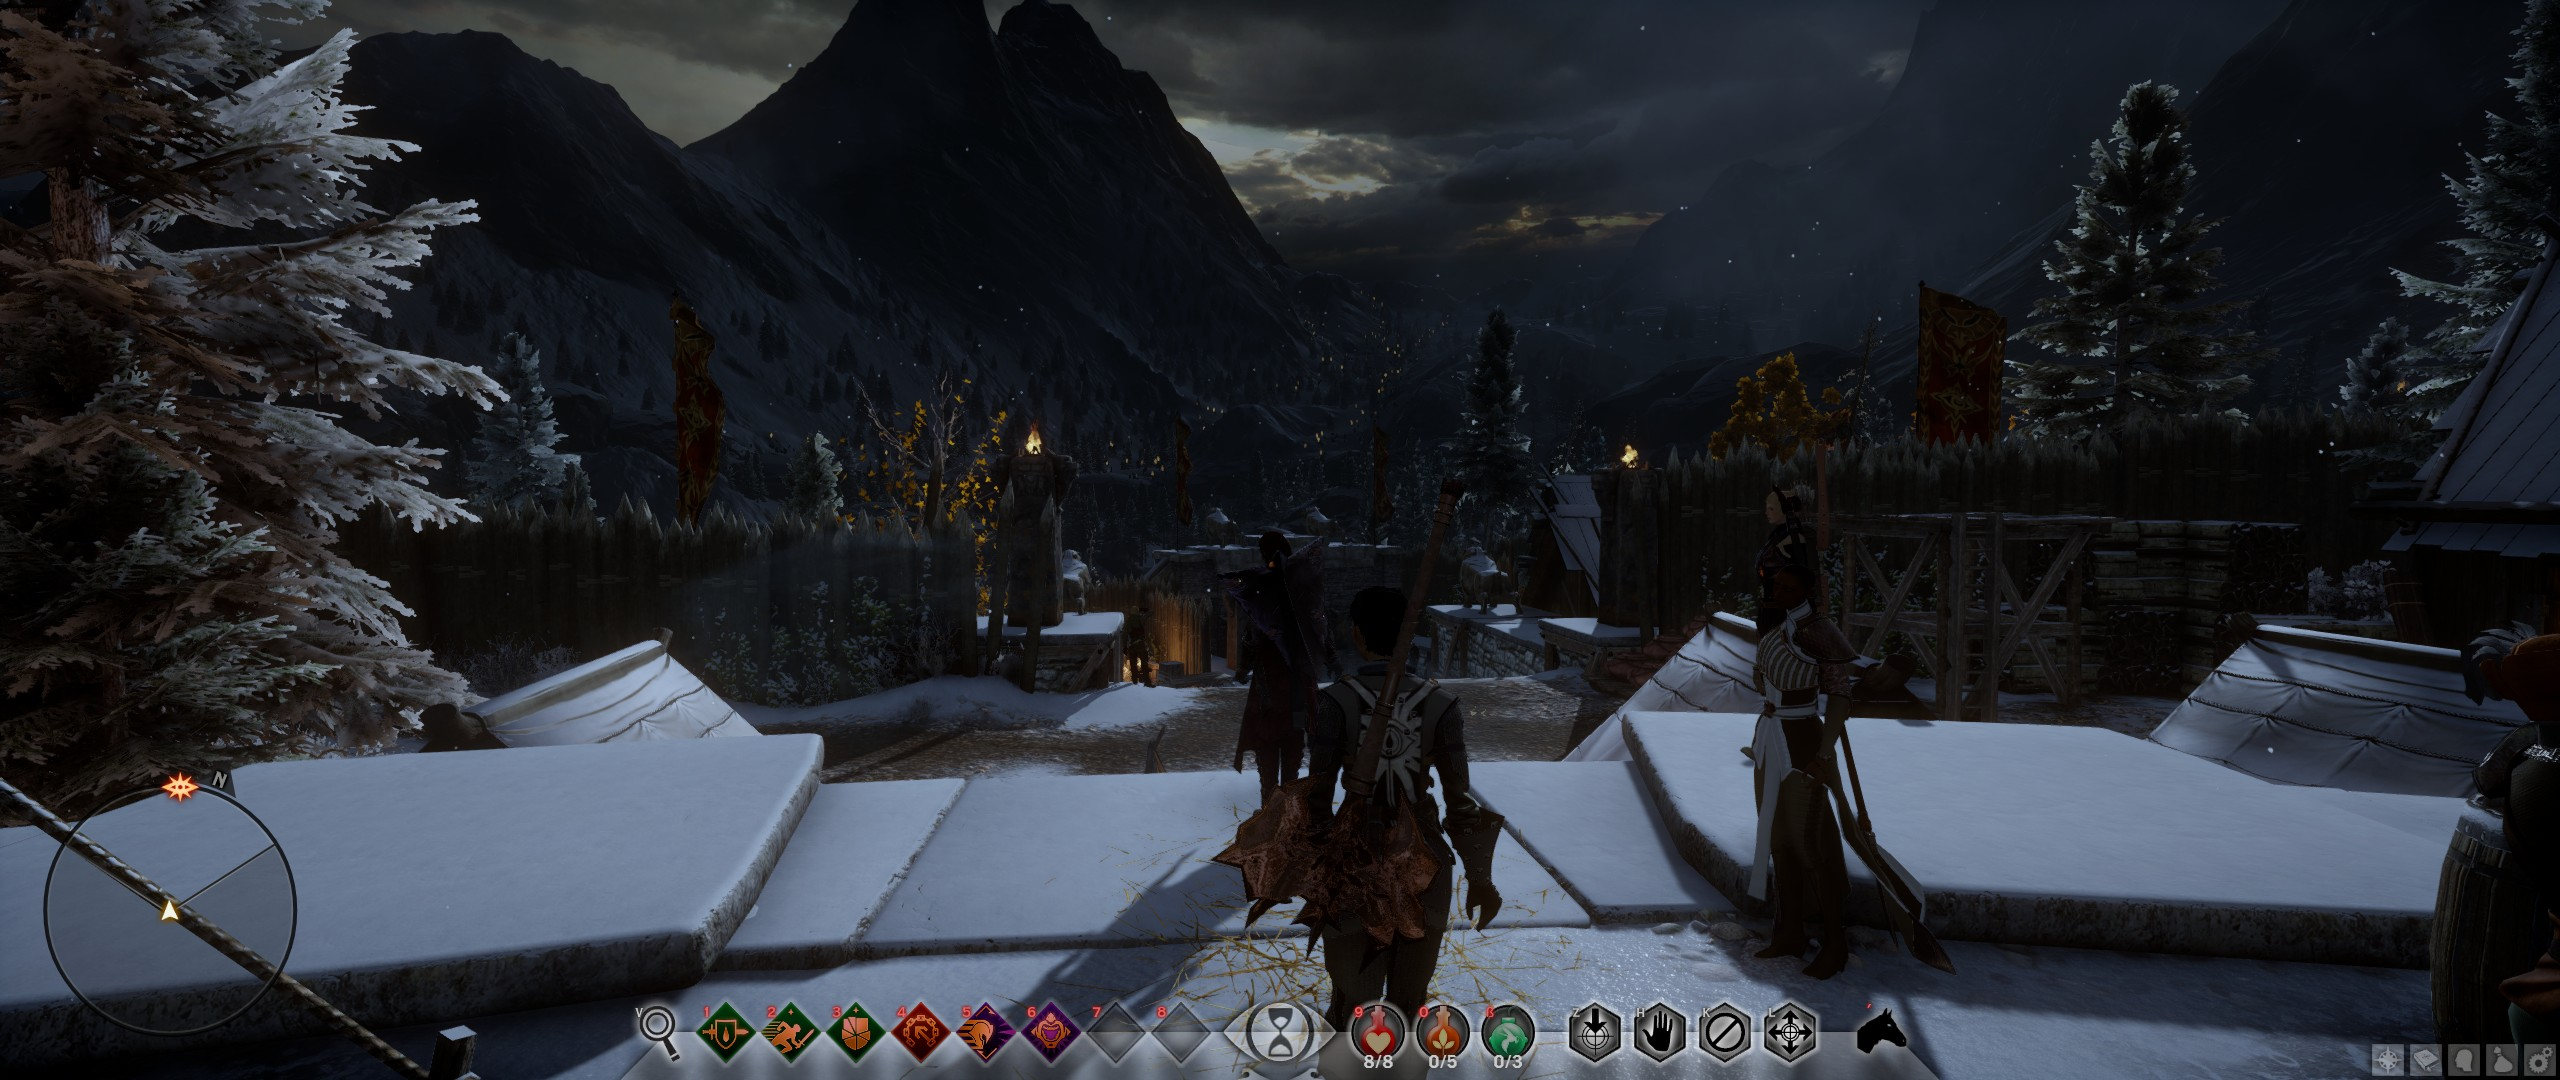 ScreenshotWin32_0067_Final